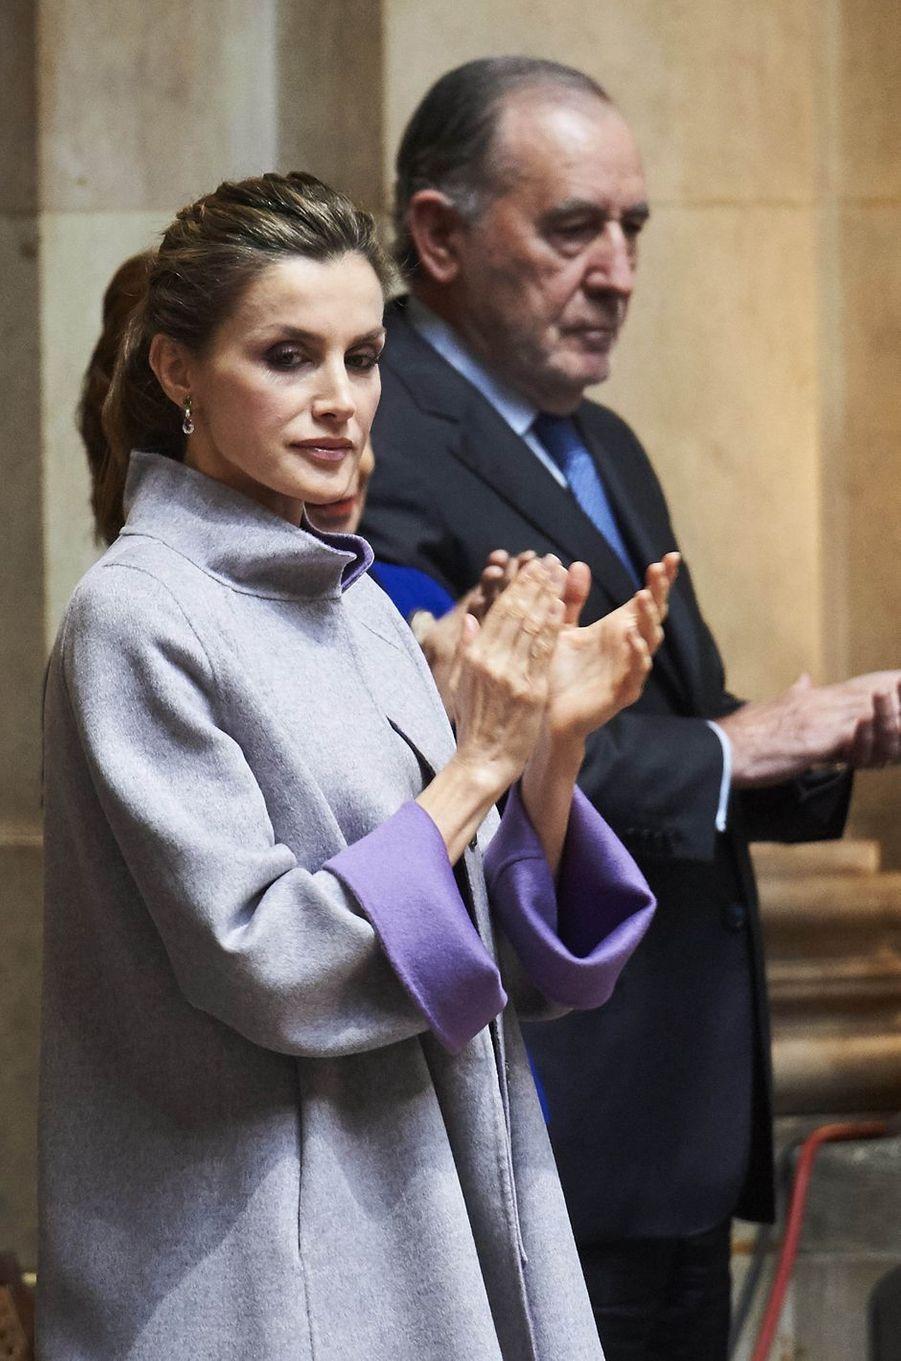 La reine Letizia d'Espagne au Palais de Sao Bento à Lisbonne, le 30 novembre 2016